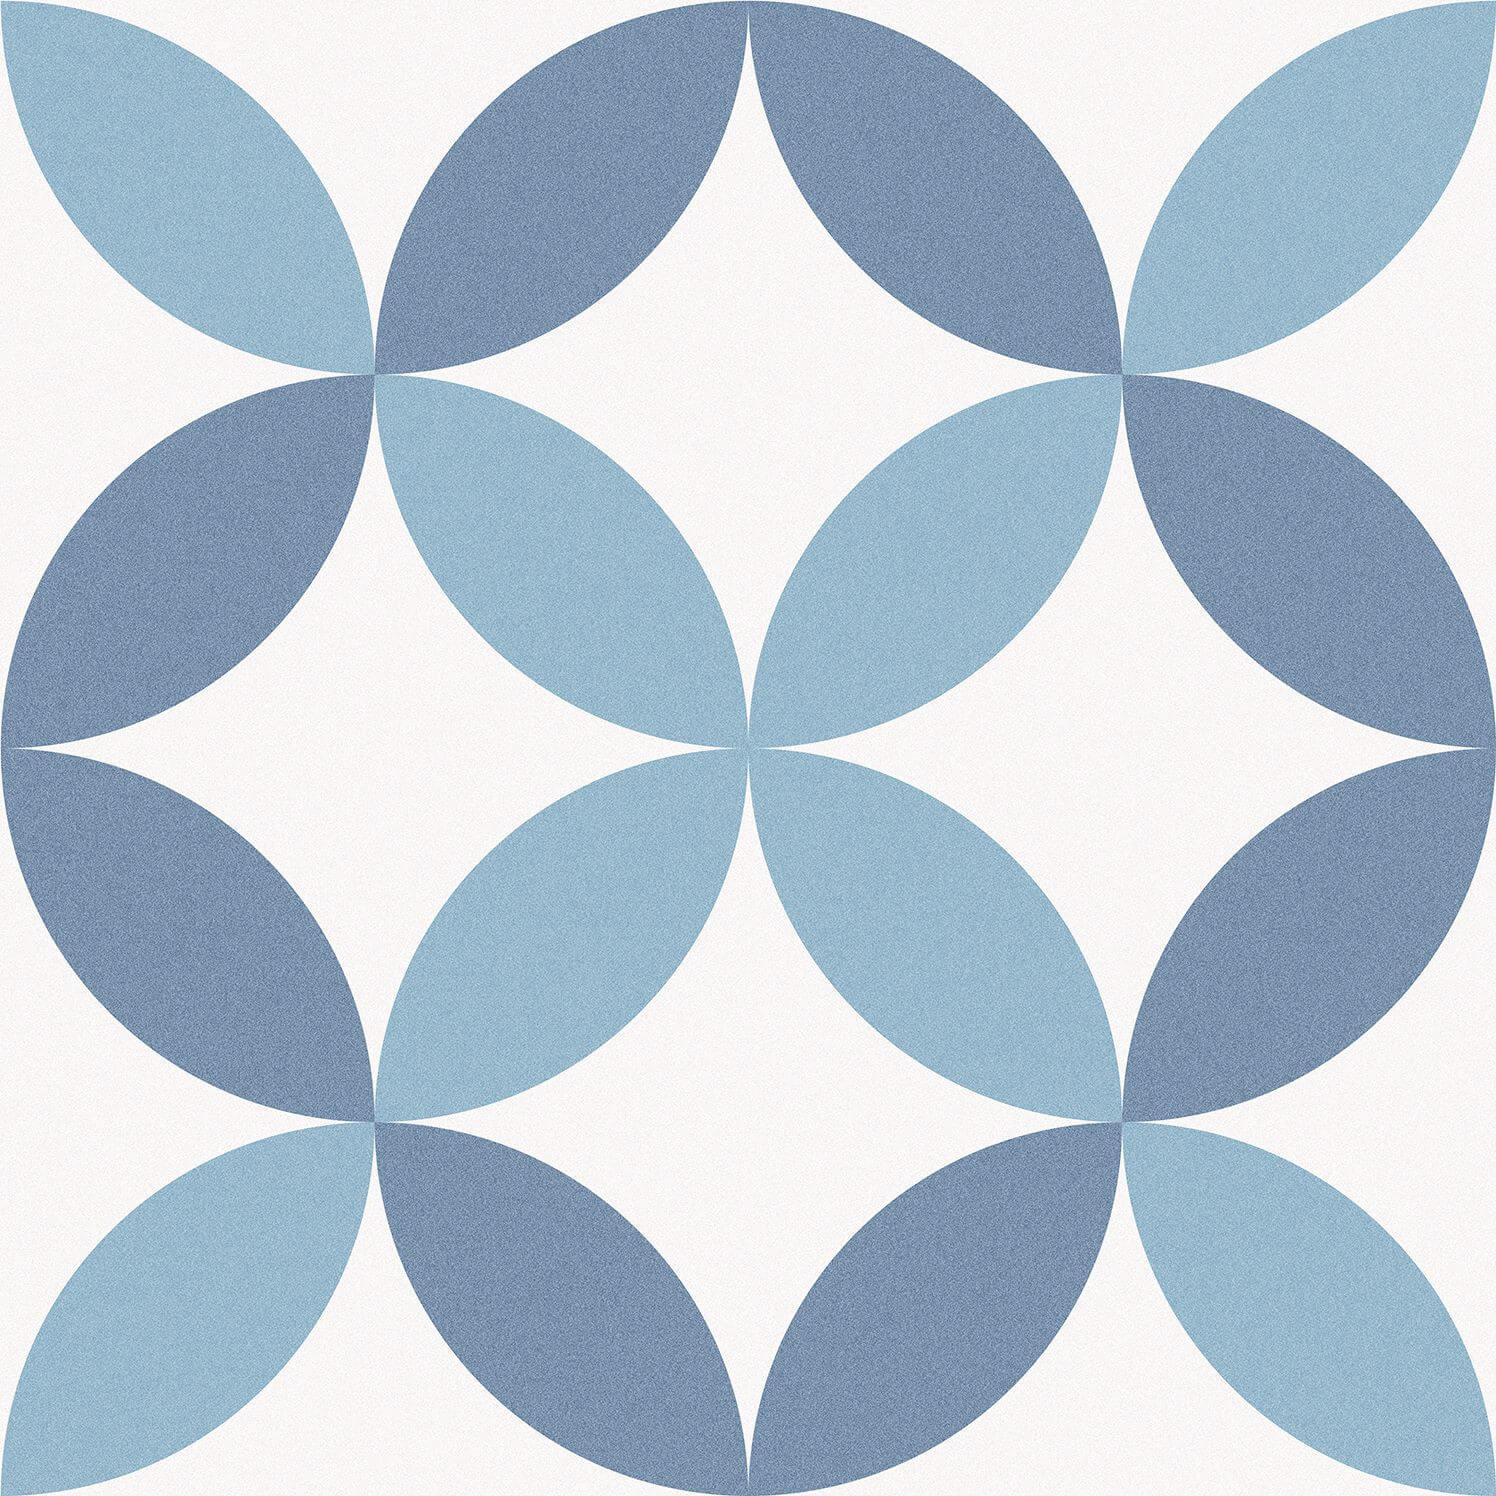 Carrelage sol et mur aspect carreau ciment multicolore bleu Barcelona Arch 25x25 cm